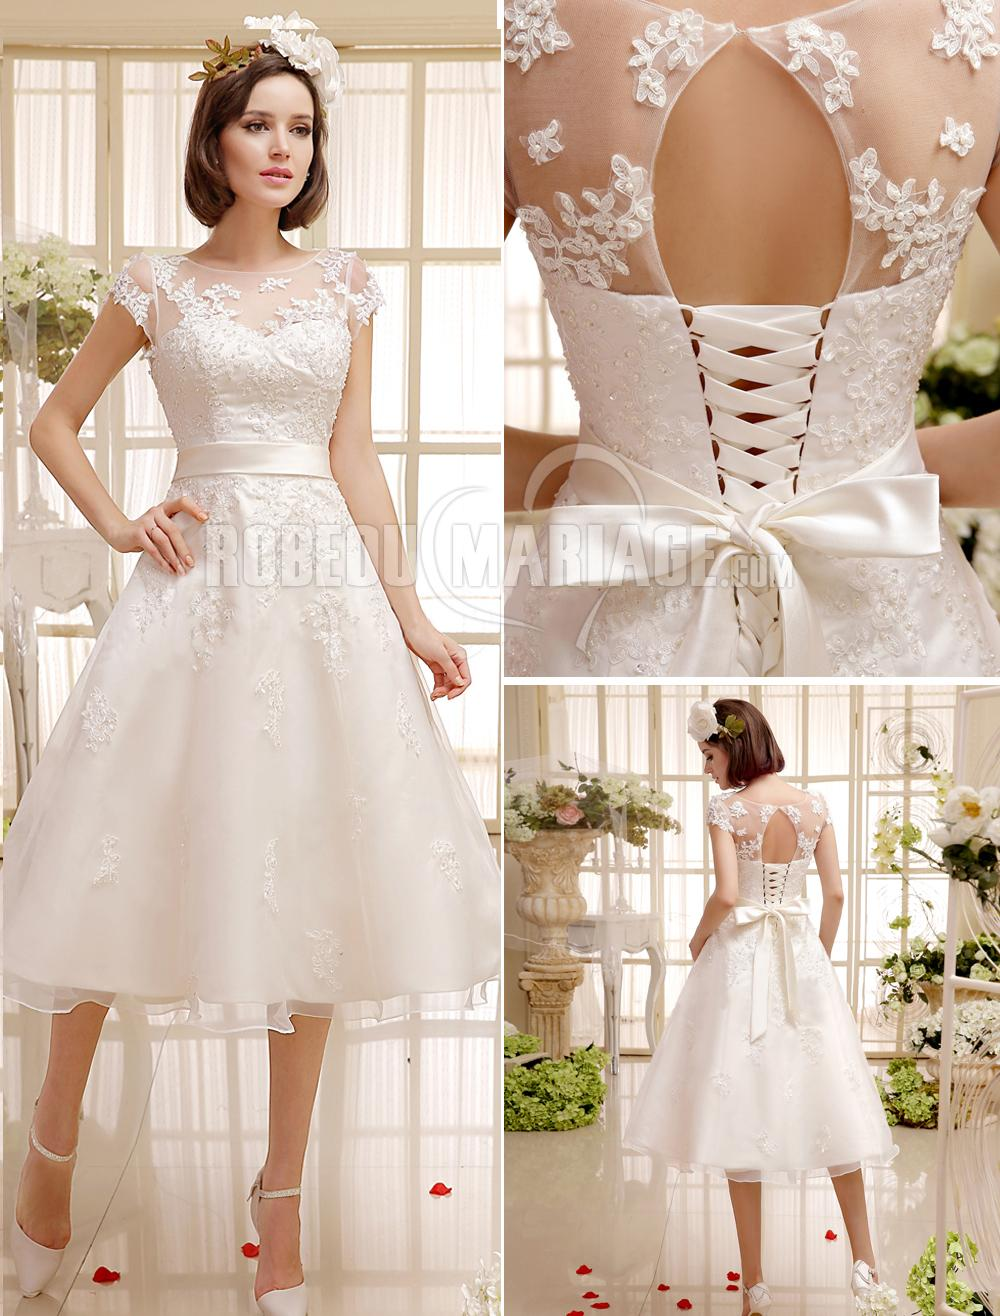 3f900faf243 Col montant robe de mariée civile ceinture satin dentelle ...